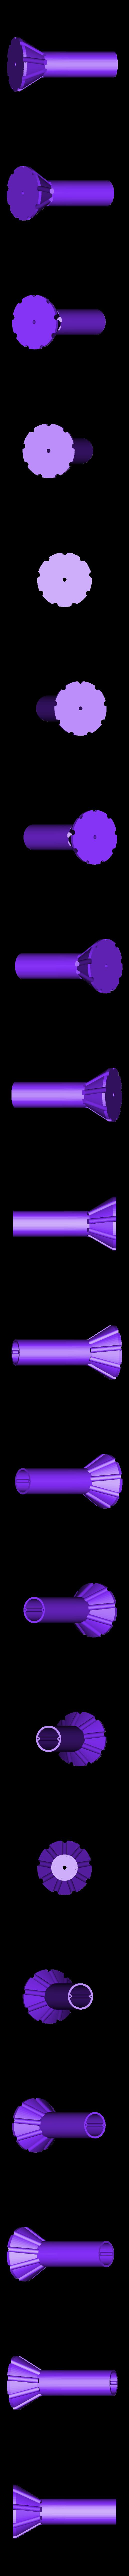 warhead_2.stl Download free STL file GI Joe Nanomites warhead • 3D print model, poblocki1982